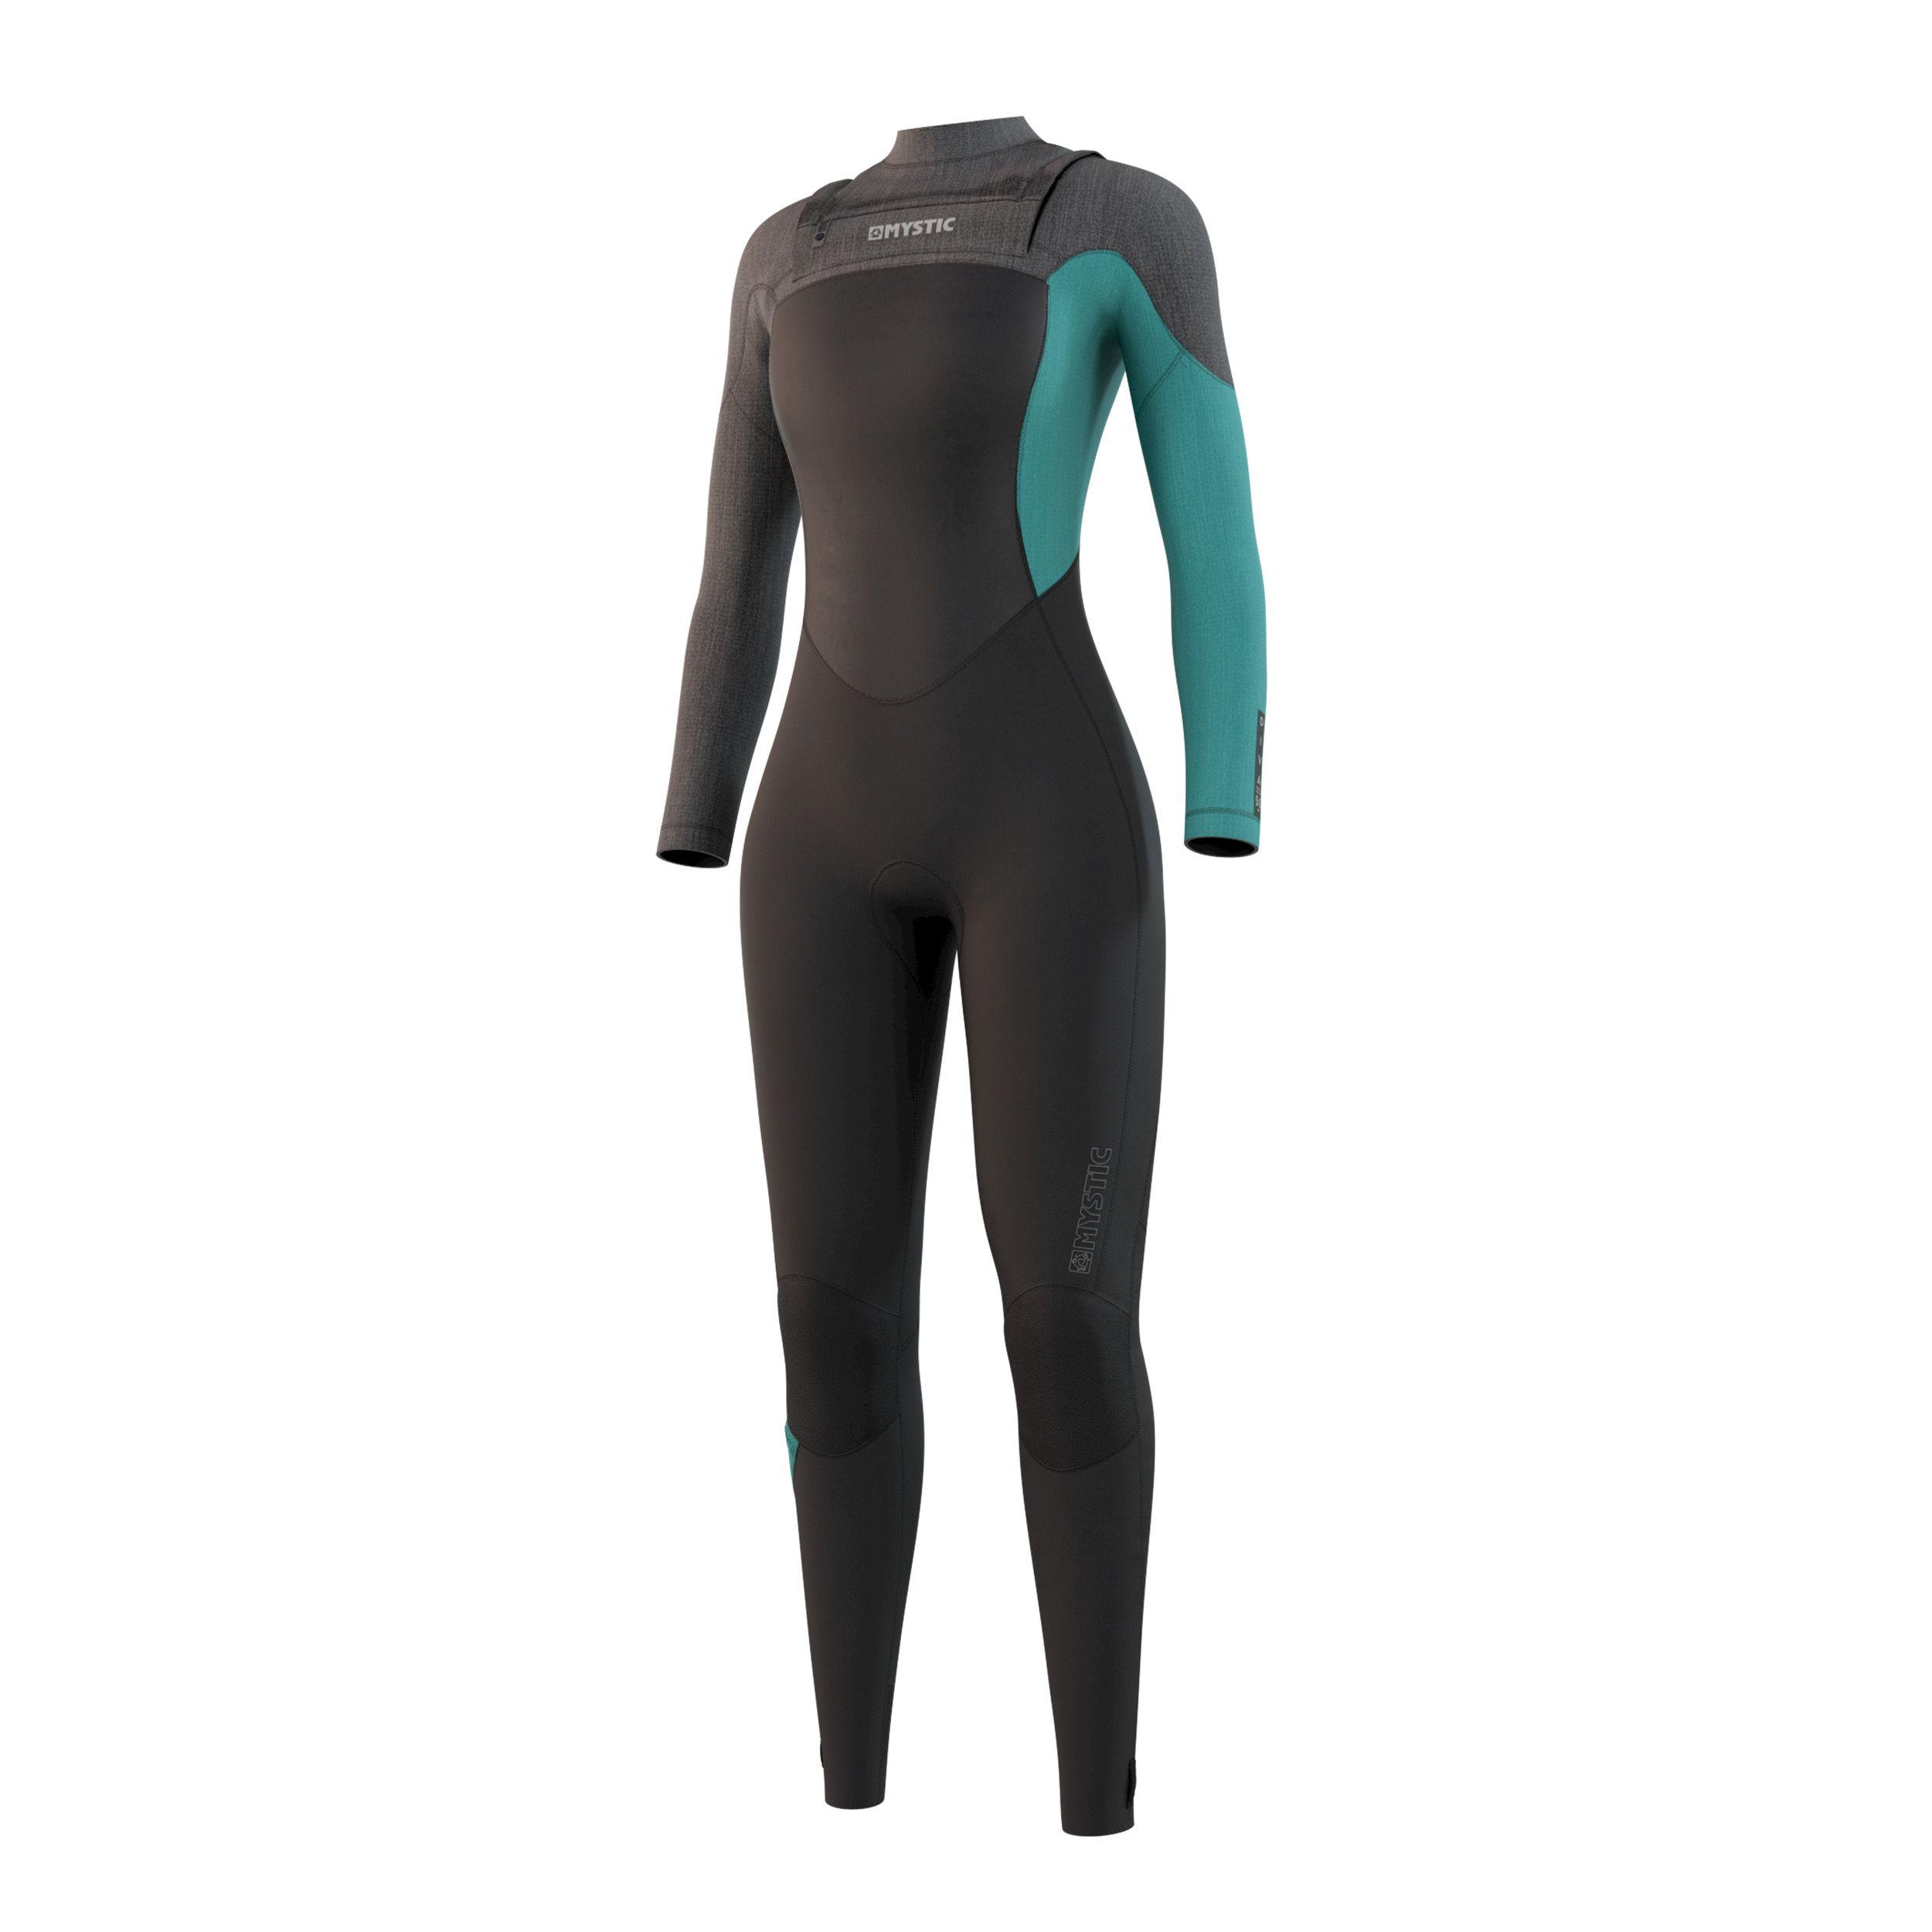 Mystic dames Diva wetsuit 5/3 Front zip 2021